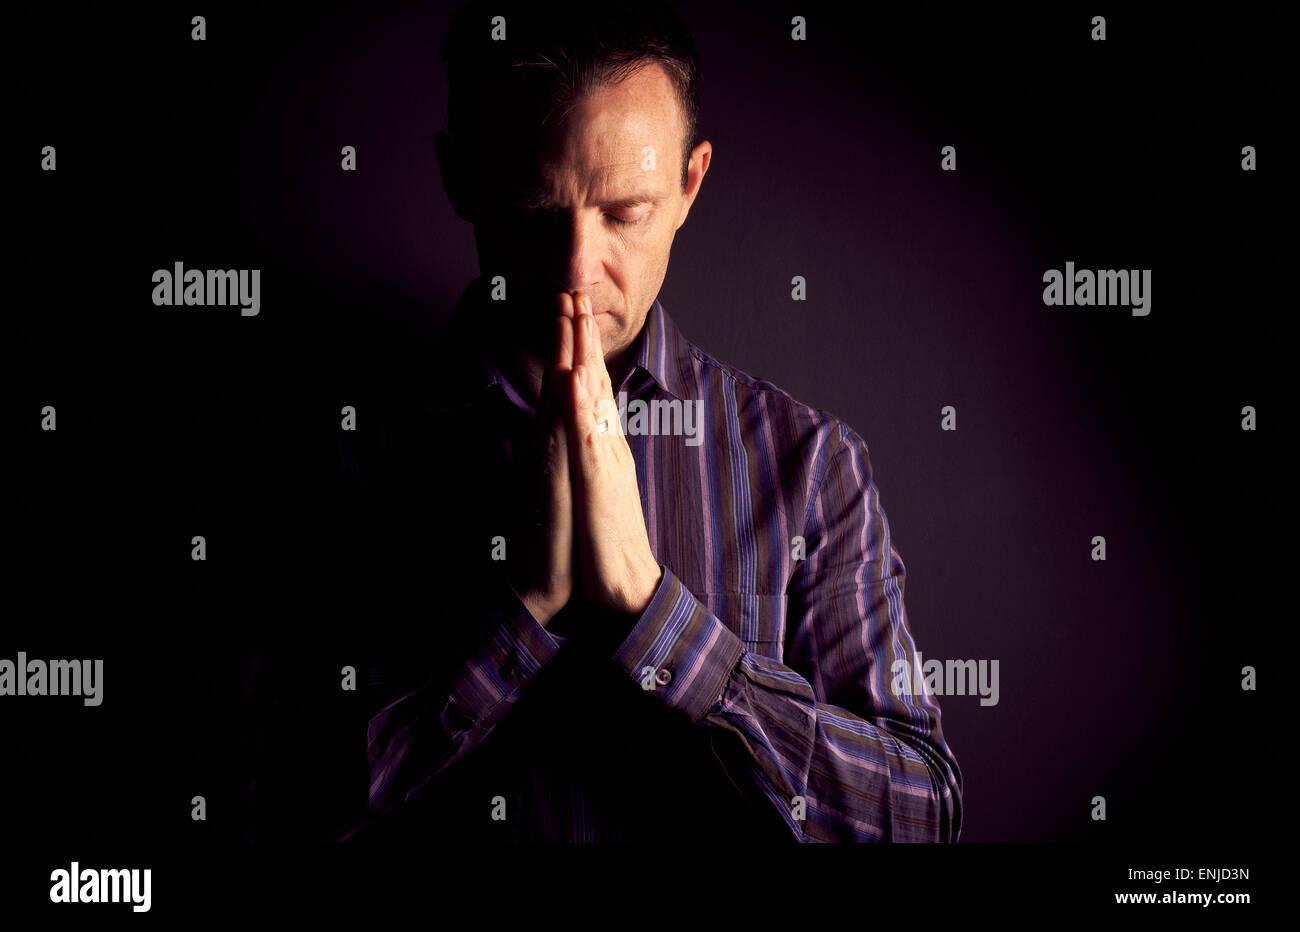 En vue de face d'un homme priant dans l'obscurité à la lumière qui brille sur le côté Photo Stock